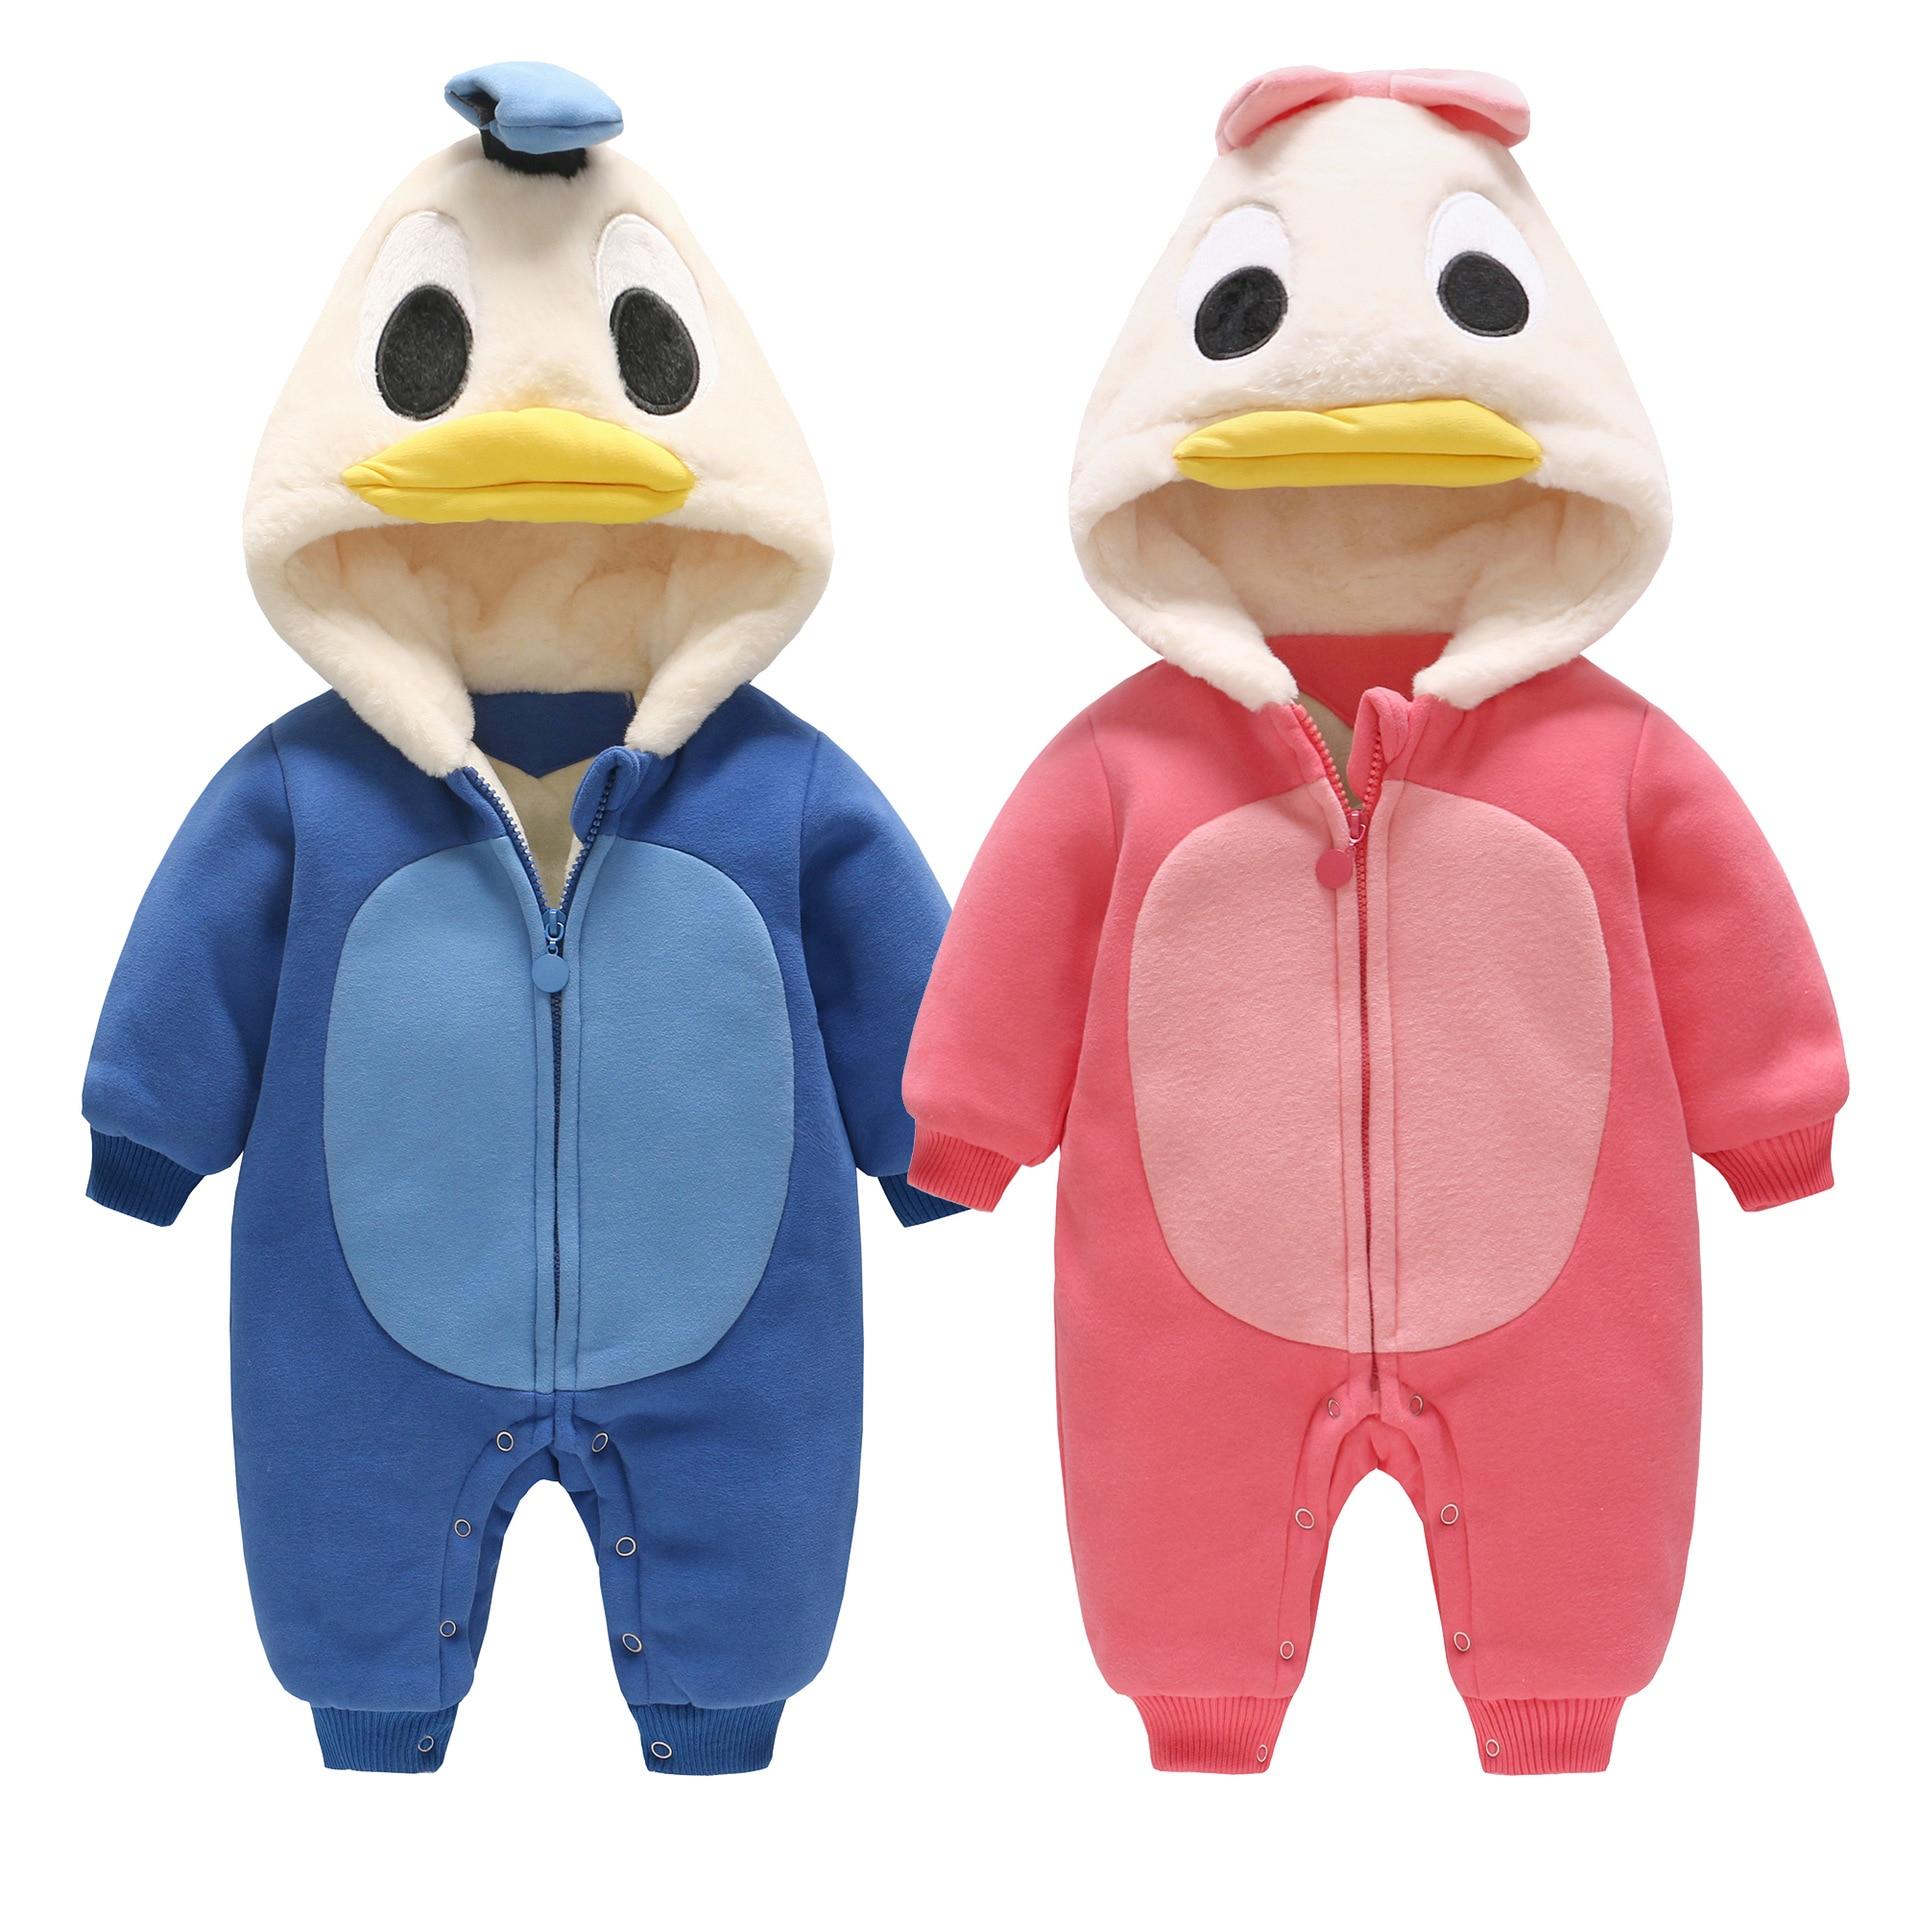 Nouveau-né barboteuses 2019 hiver chaud vêtements 3 9 6 12 mois bébé enfants garçons filles coton nouveau-né mignon canard infantile vêtements